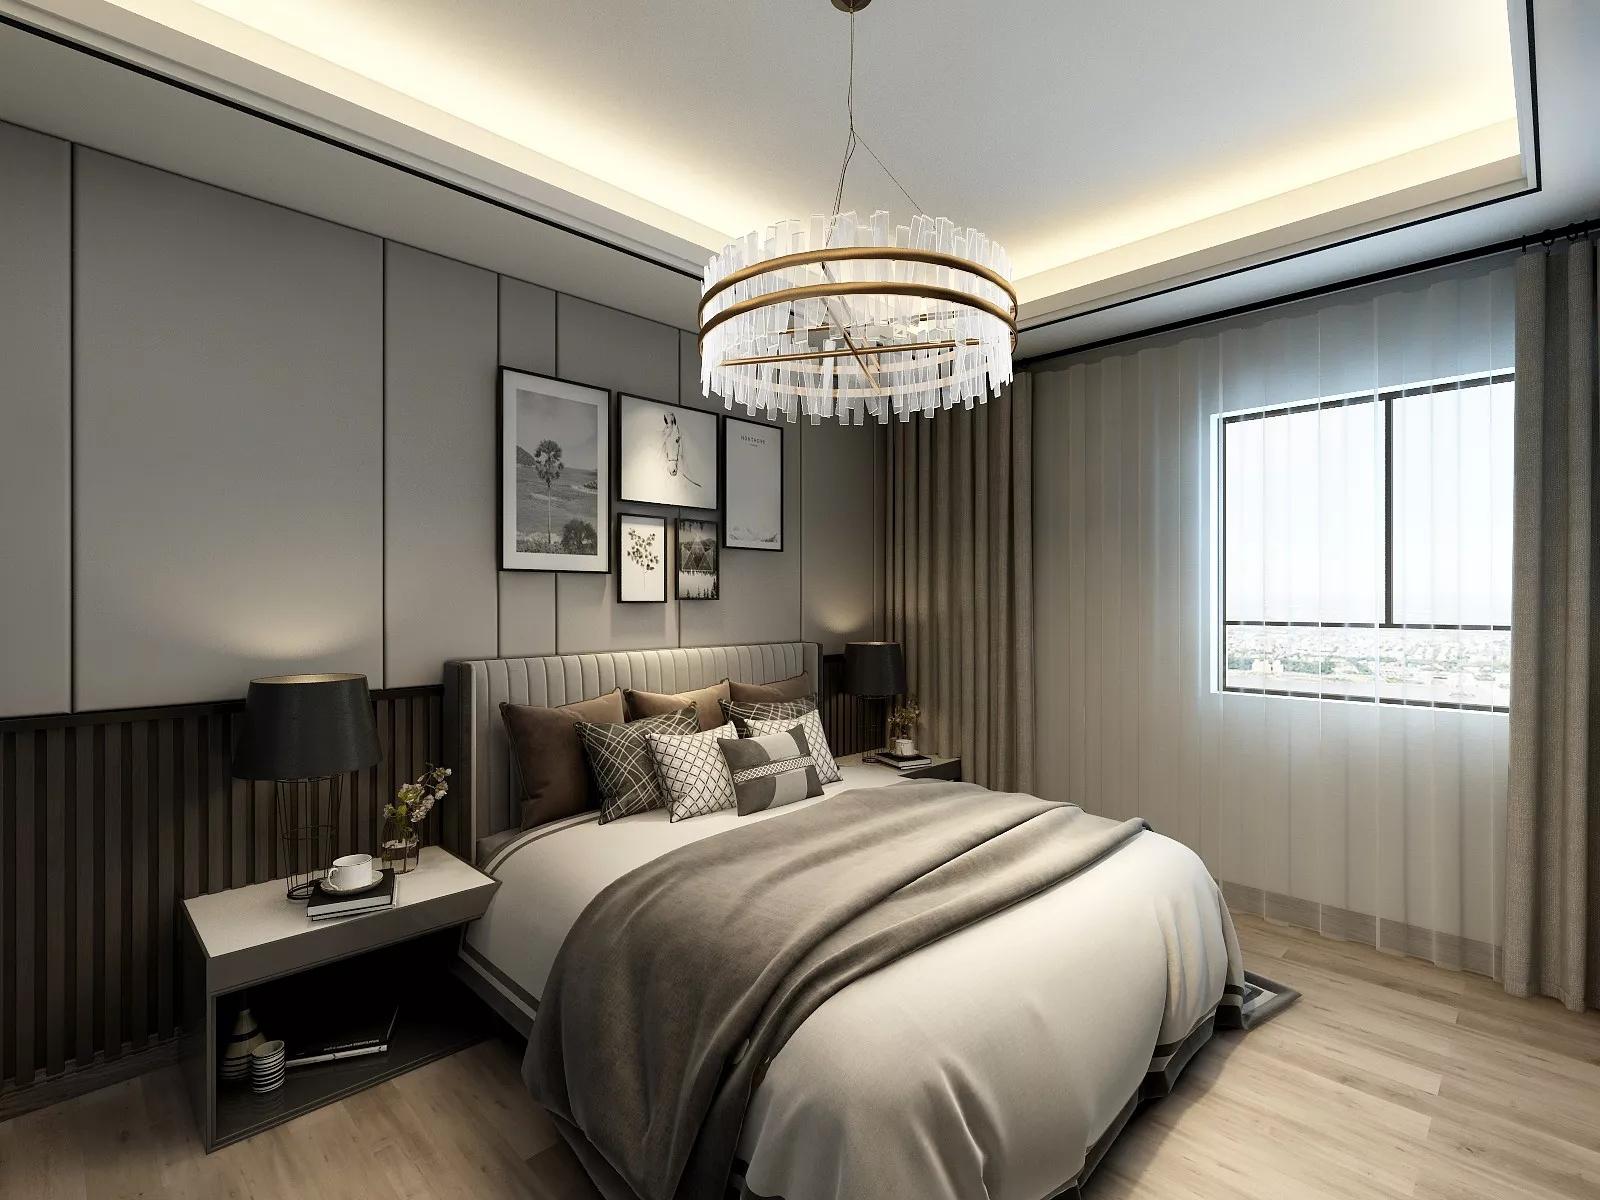 120㎡成都香槟城现代轻奢公寓装修效果图